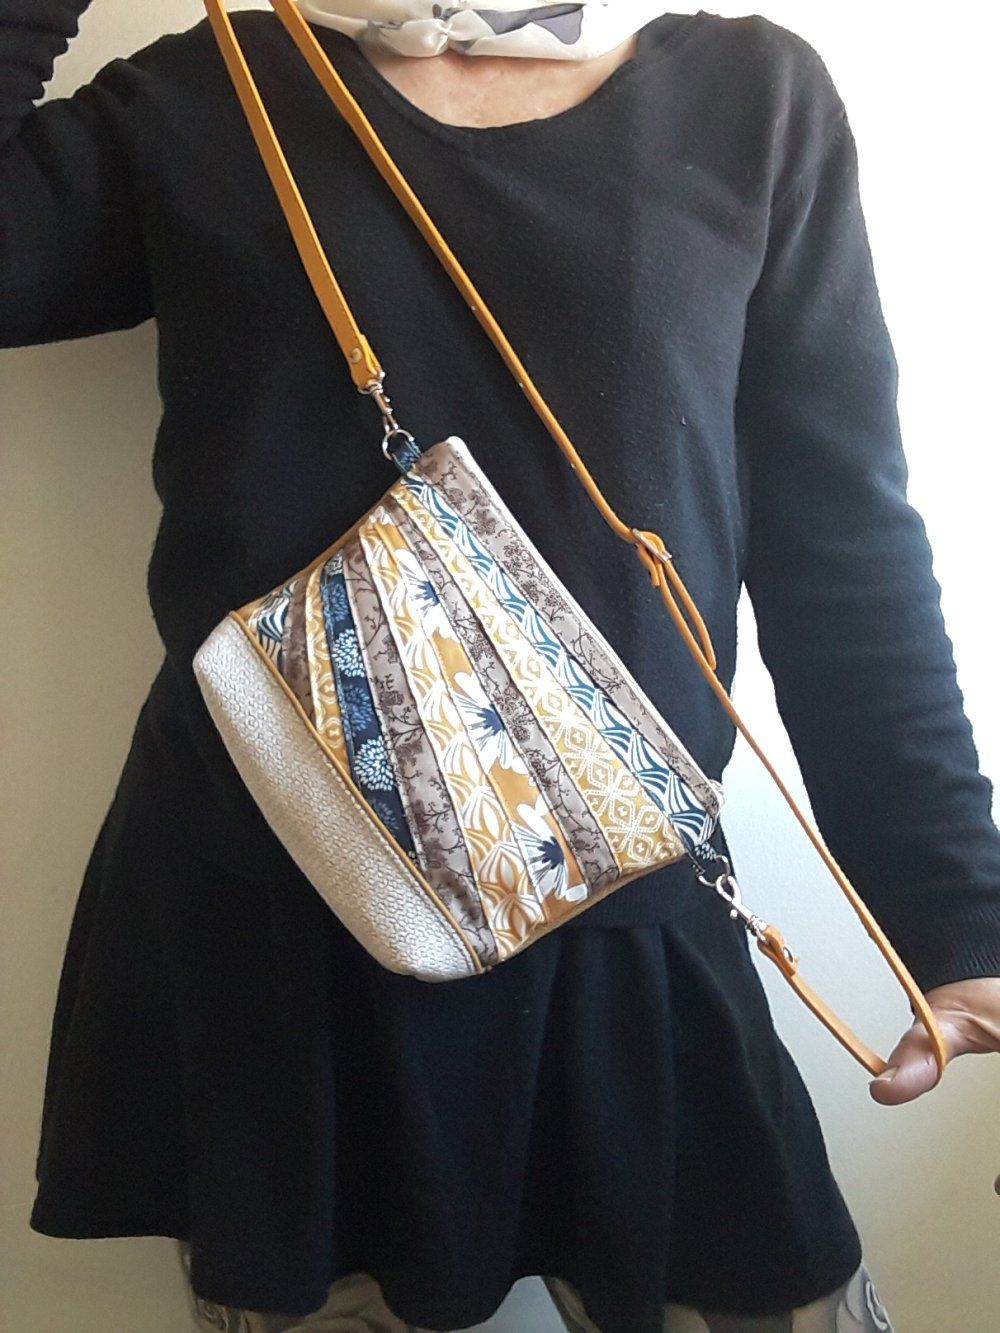 be680e82f8 Petit sac bandoulière, sac à main, sac porté épaule, tissu velours beige  jaune